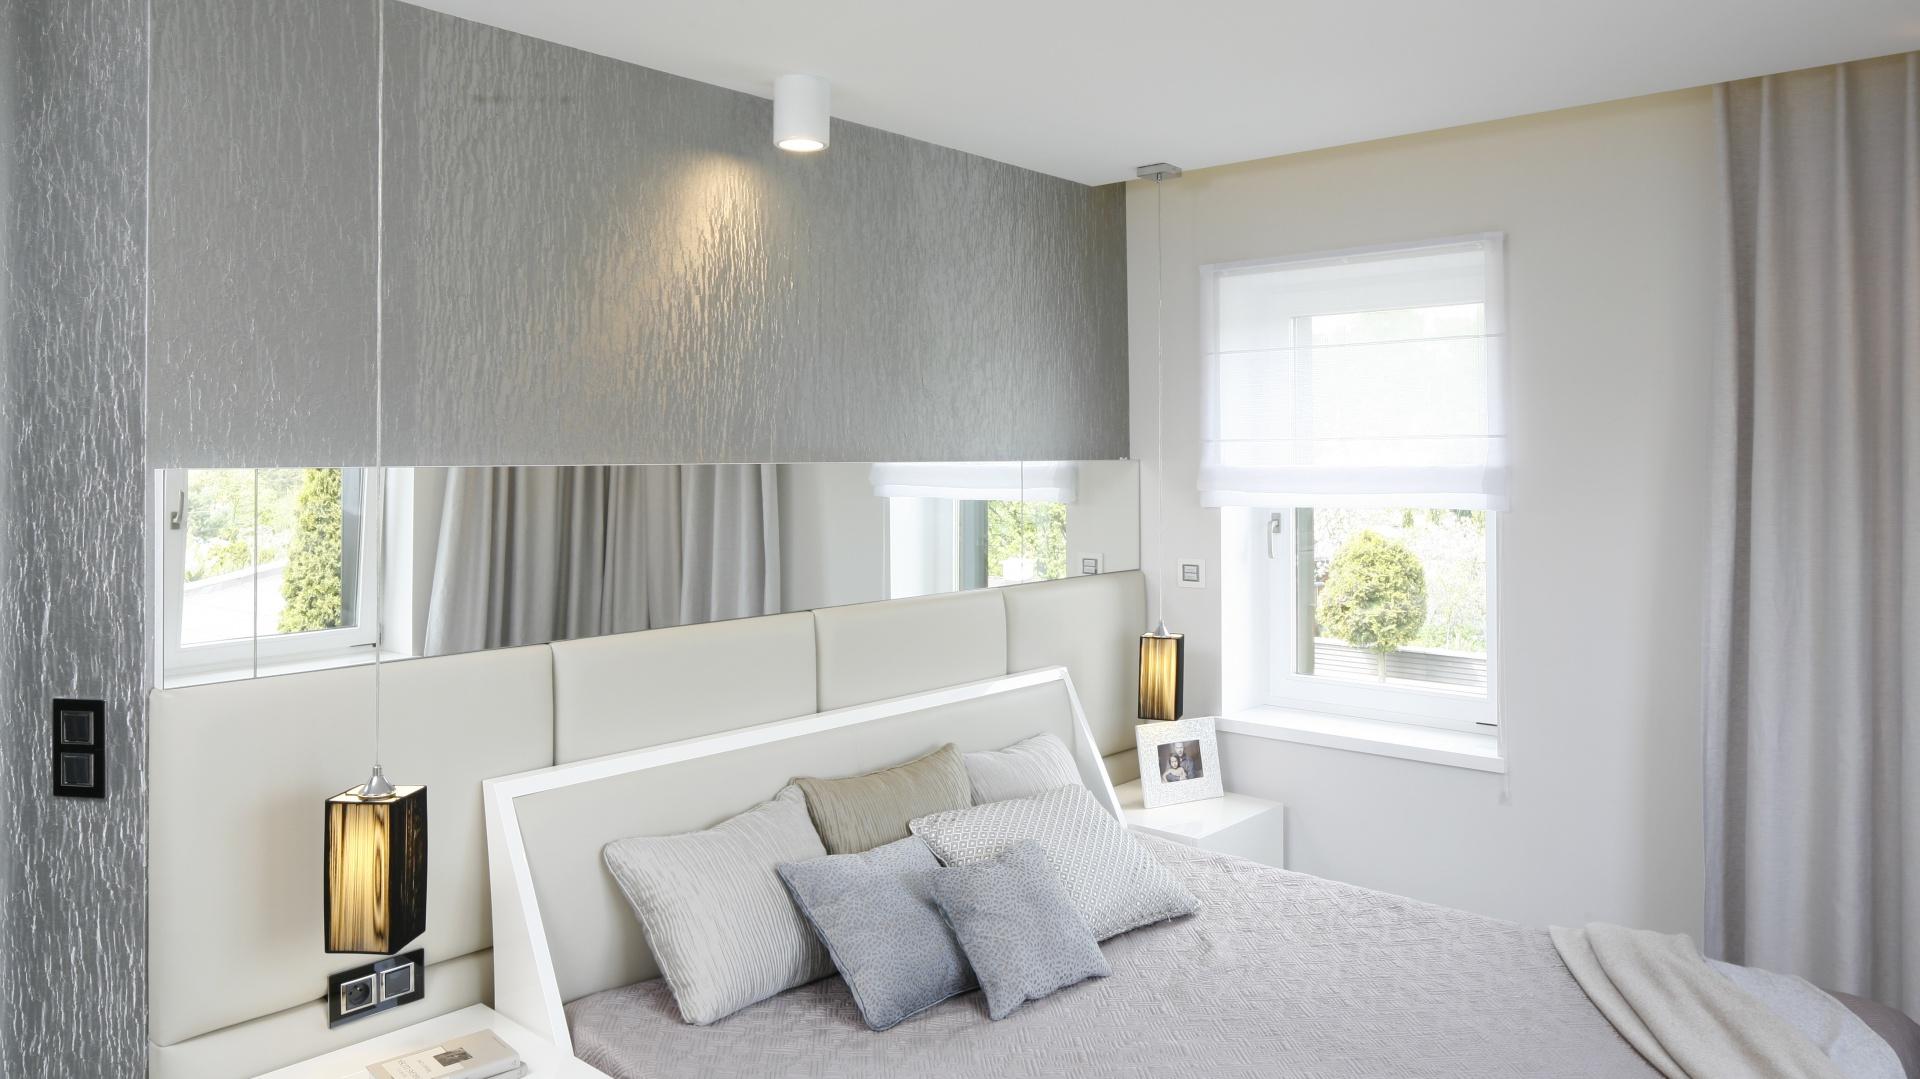 Szara Sypialnia 5 Sposobów Na Piękne Wnętrze